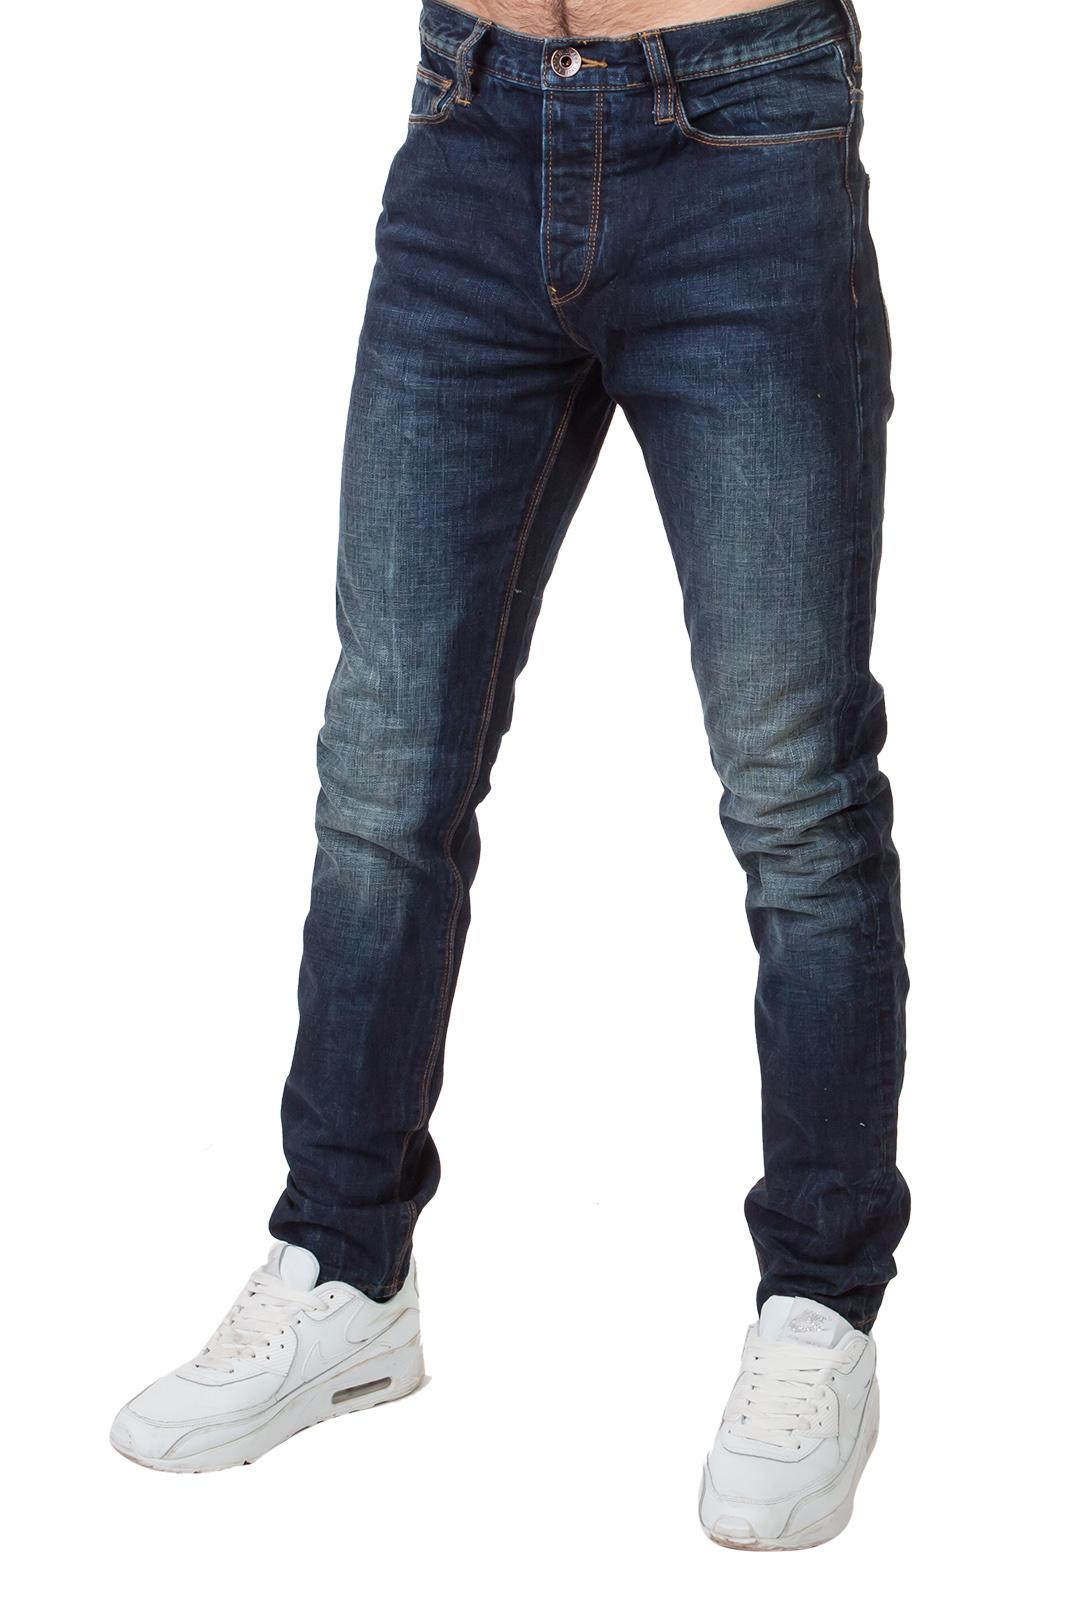 Купить мужские джинсы Армани в магазине Военпро